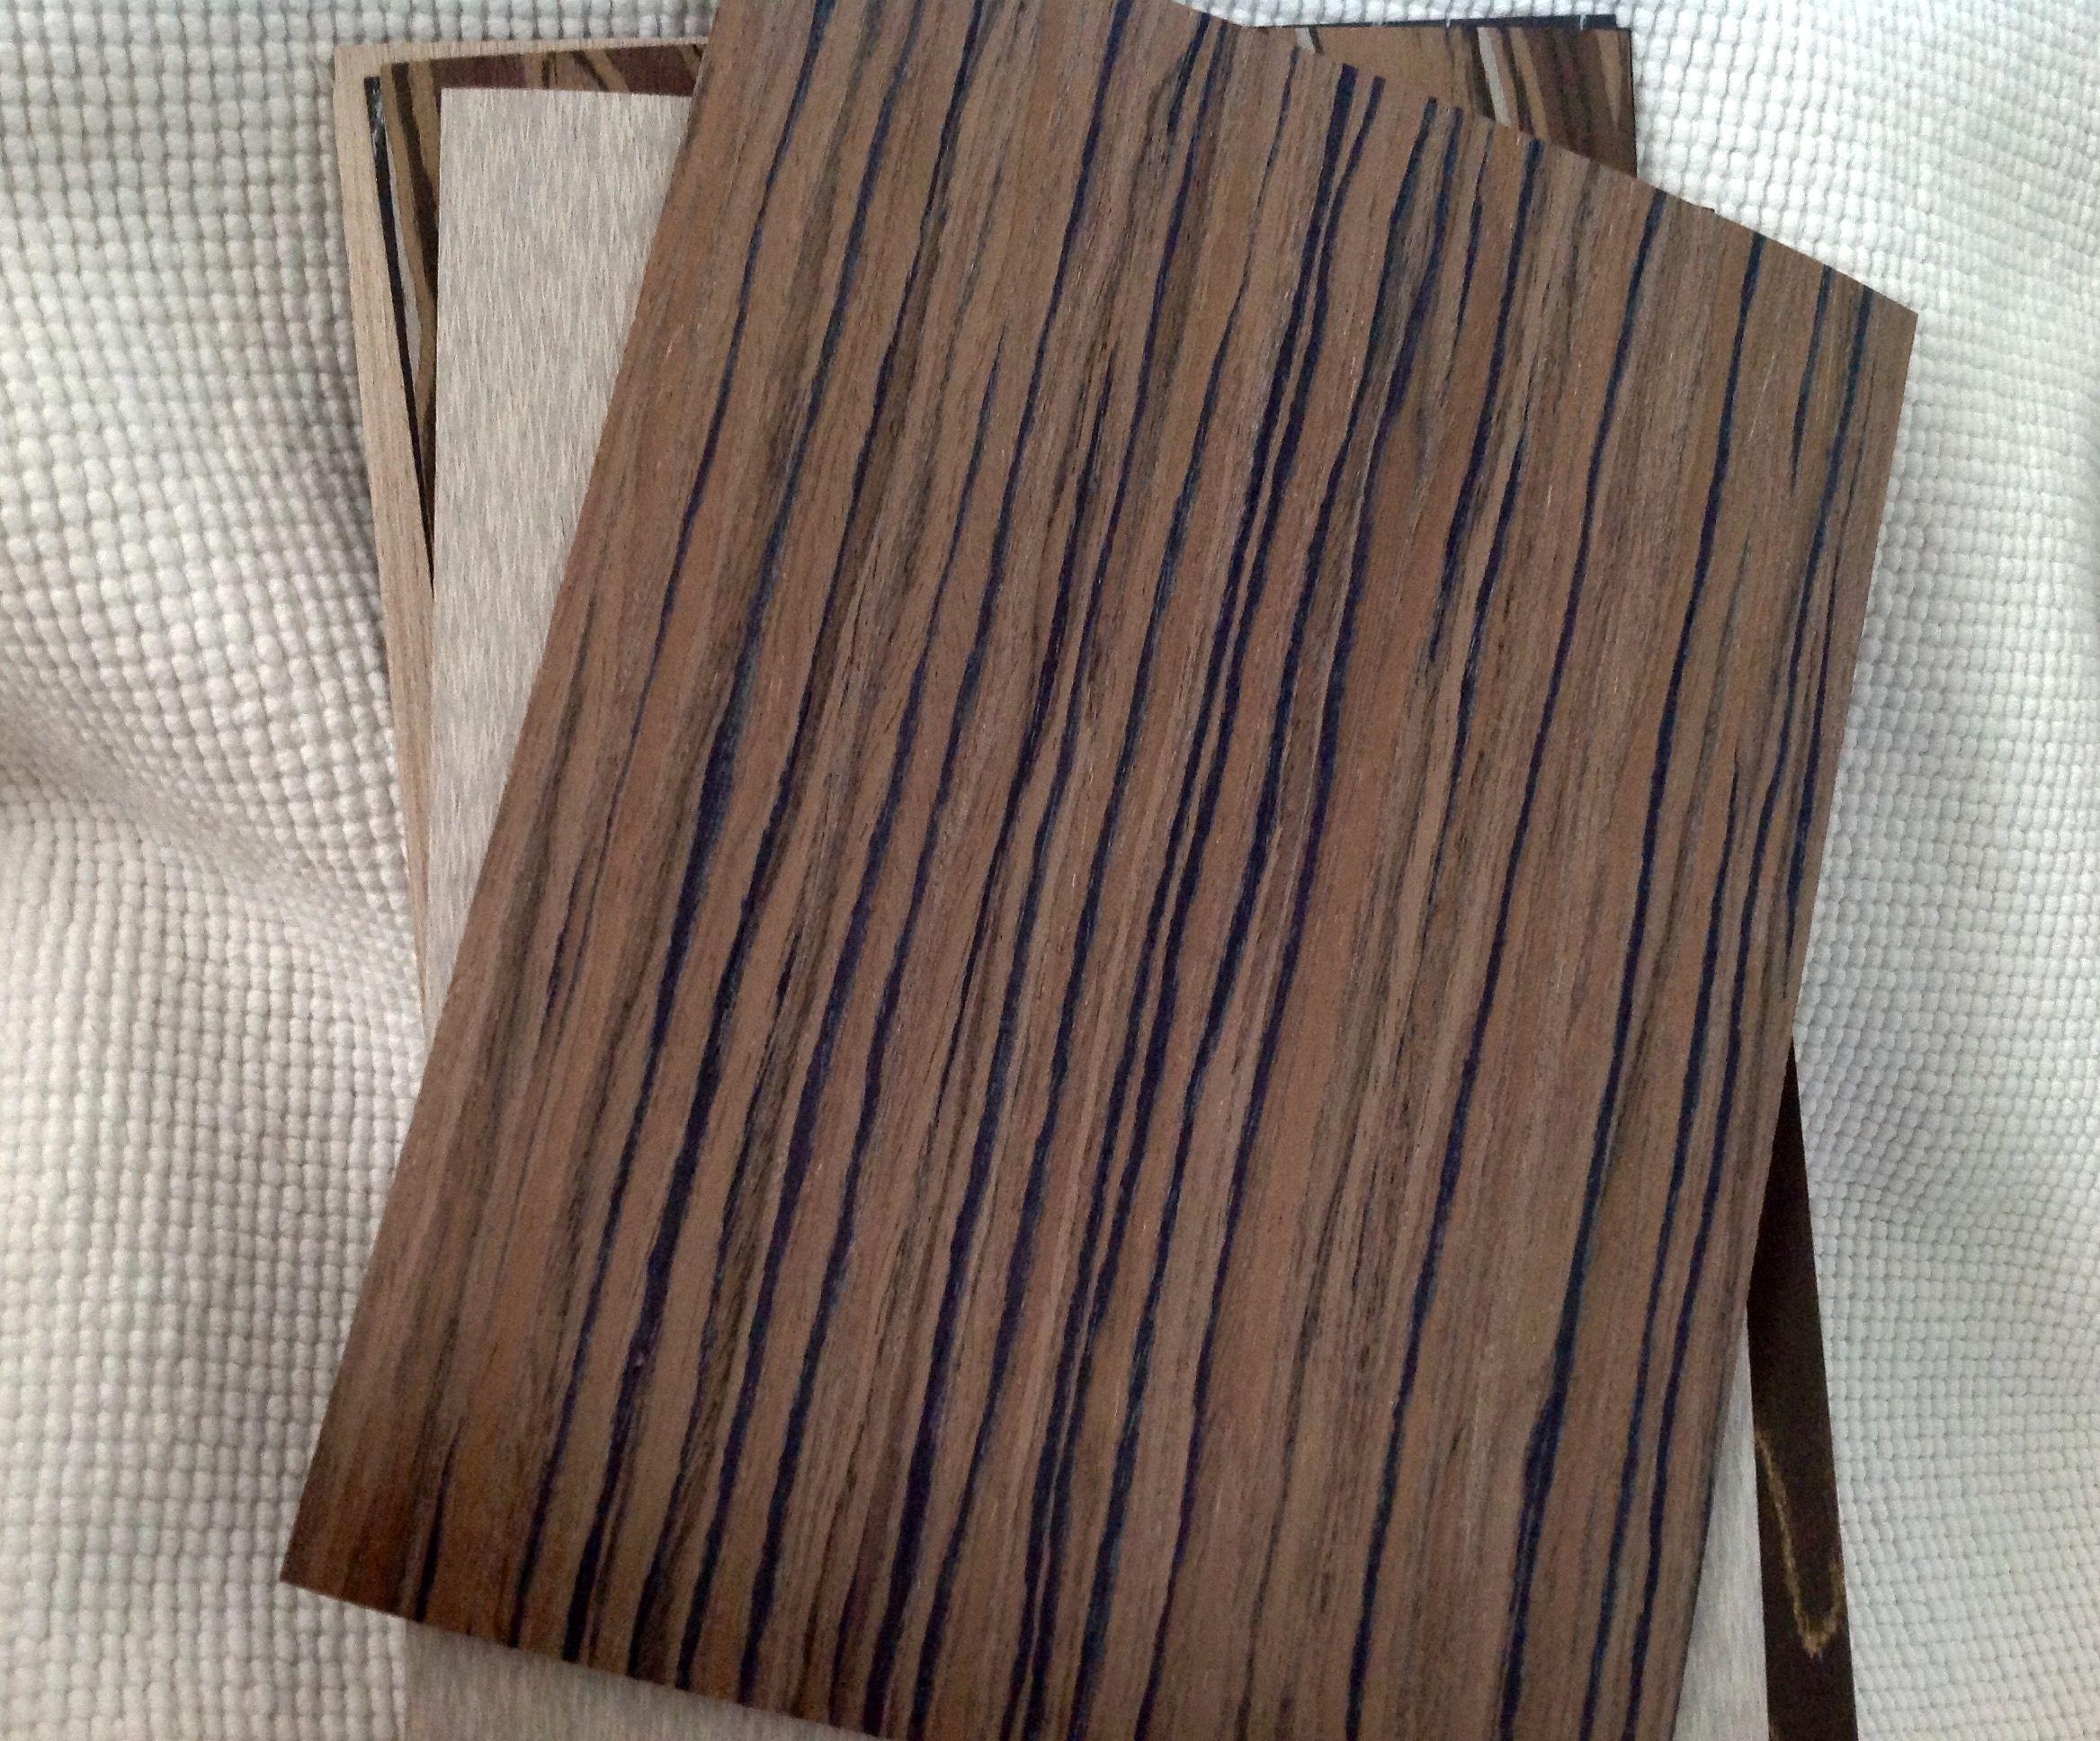 Thebest In Design Alpi Alpiwood Brooksideveneers New